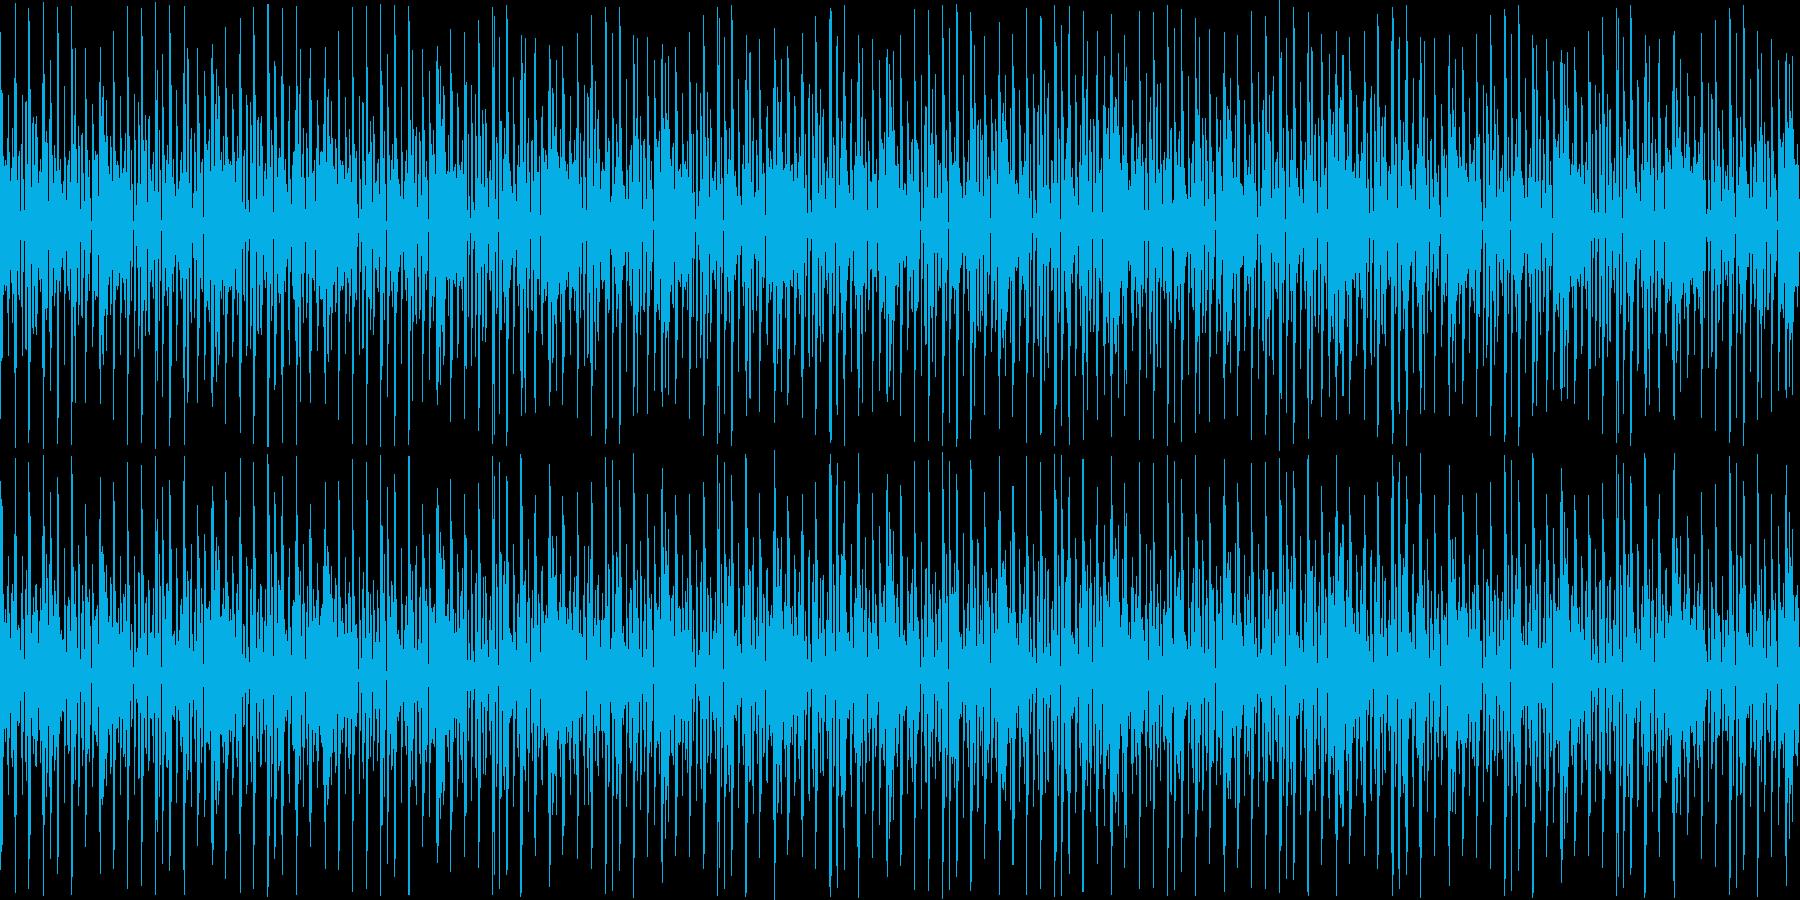 テクノファンクなシンキングタイム2の再生済みの波形